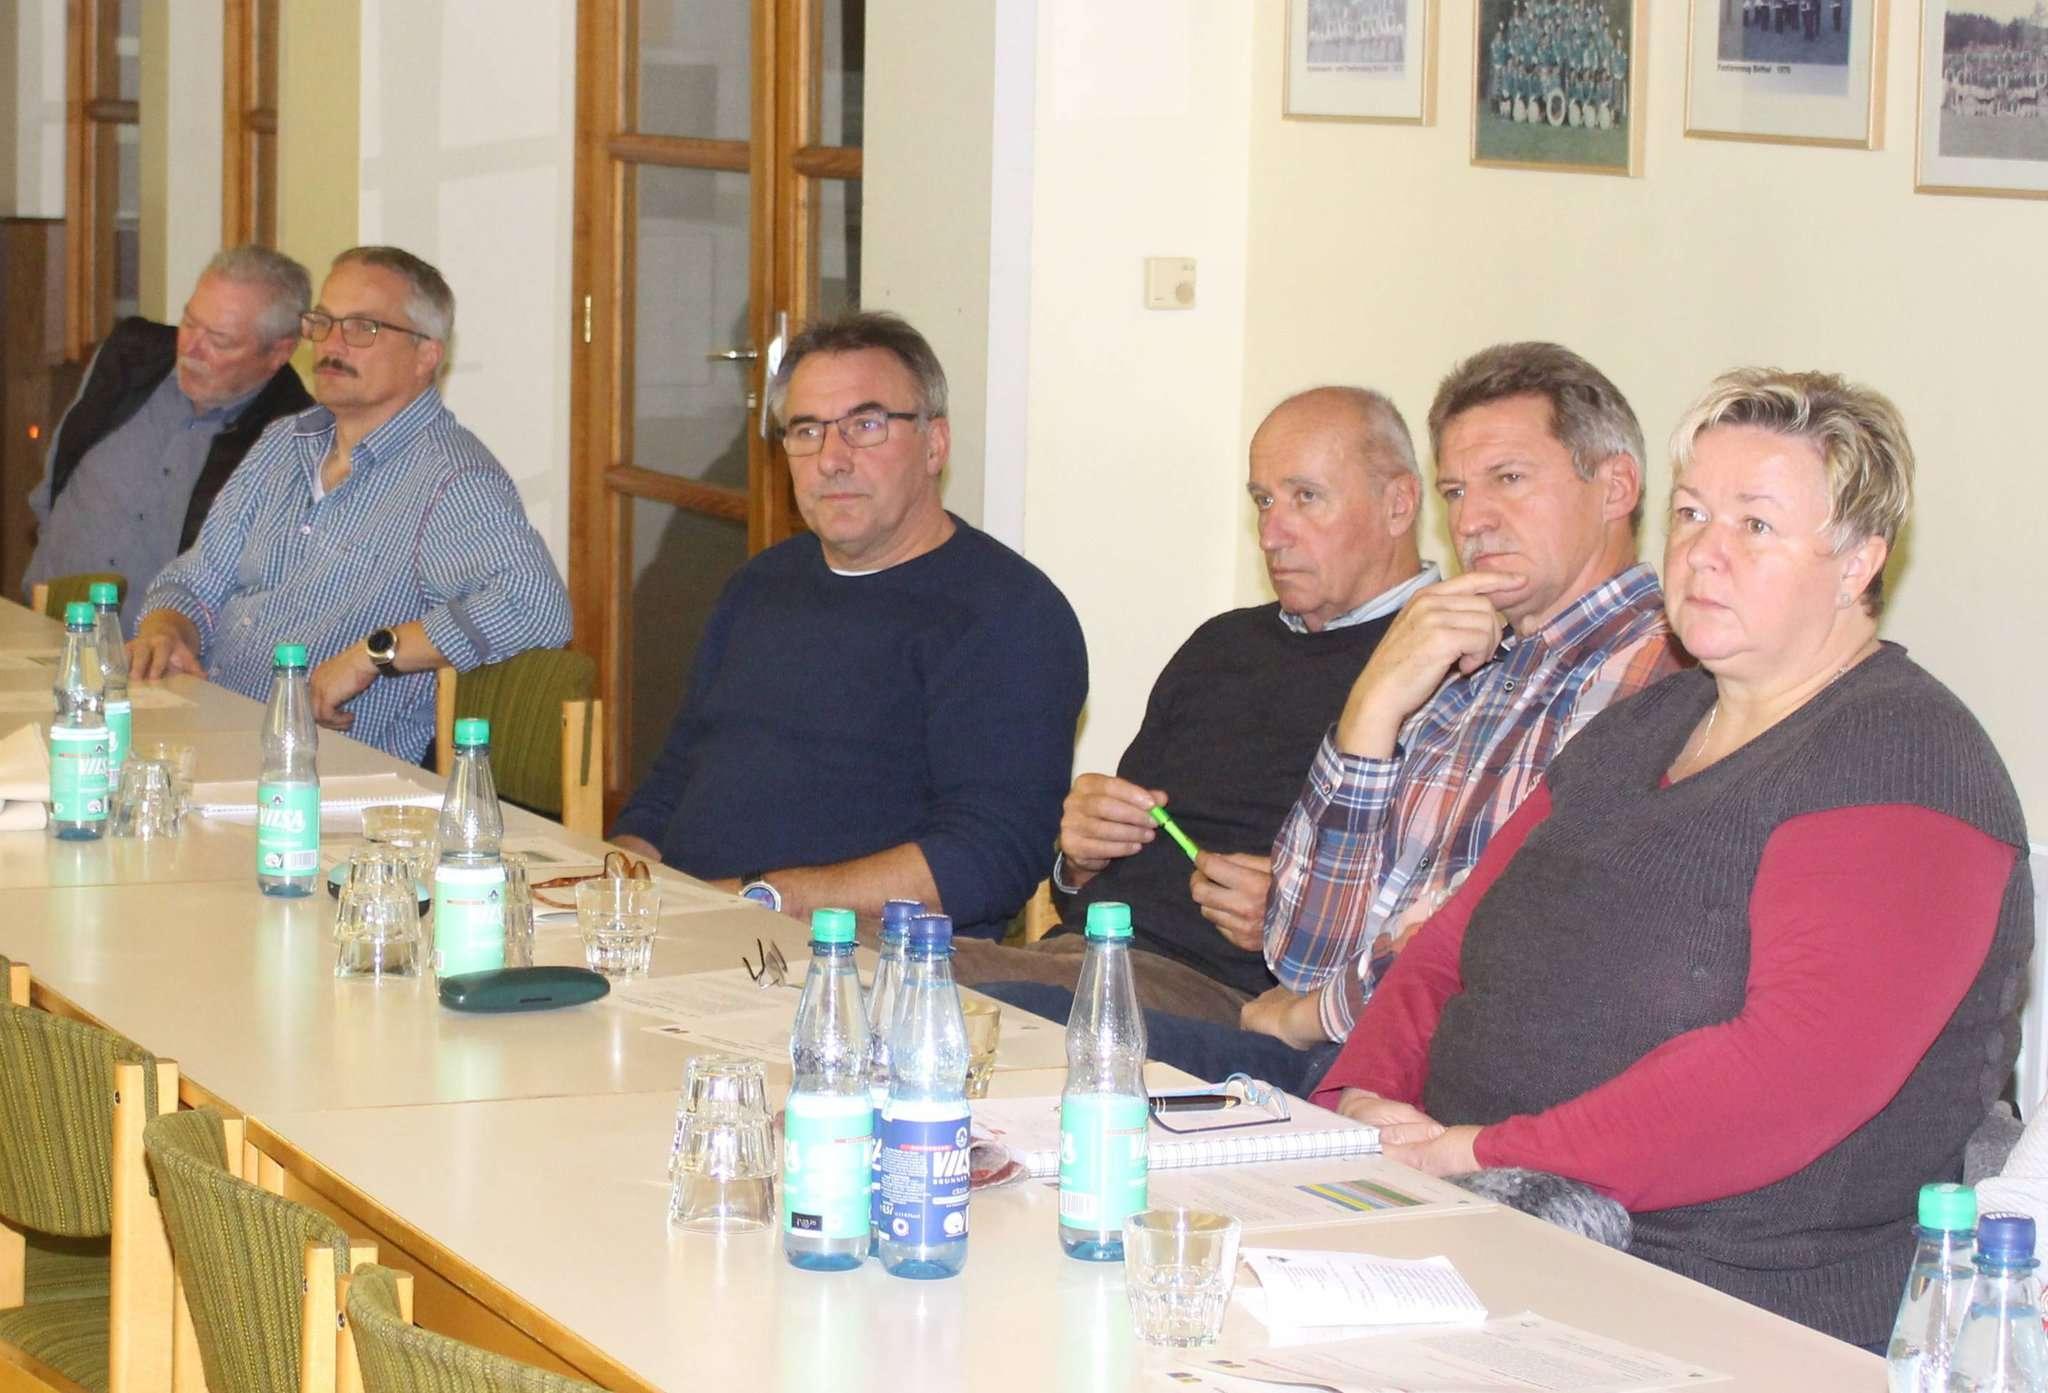 Die Botheler diskutierten über die möglichen Projekte, die im Rahmen der Dorfregion Wiedau-Walsede umgesetzt werden könnten. Fotos: Henning Leeske